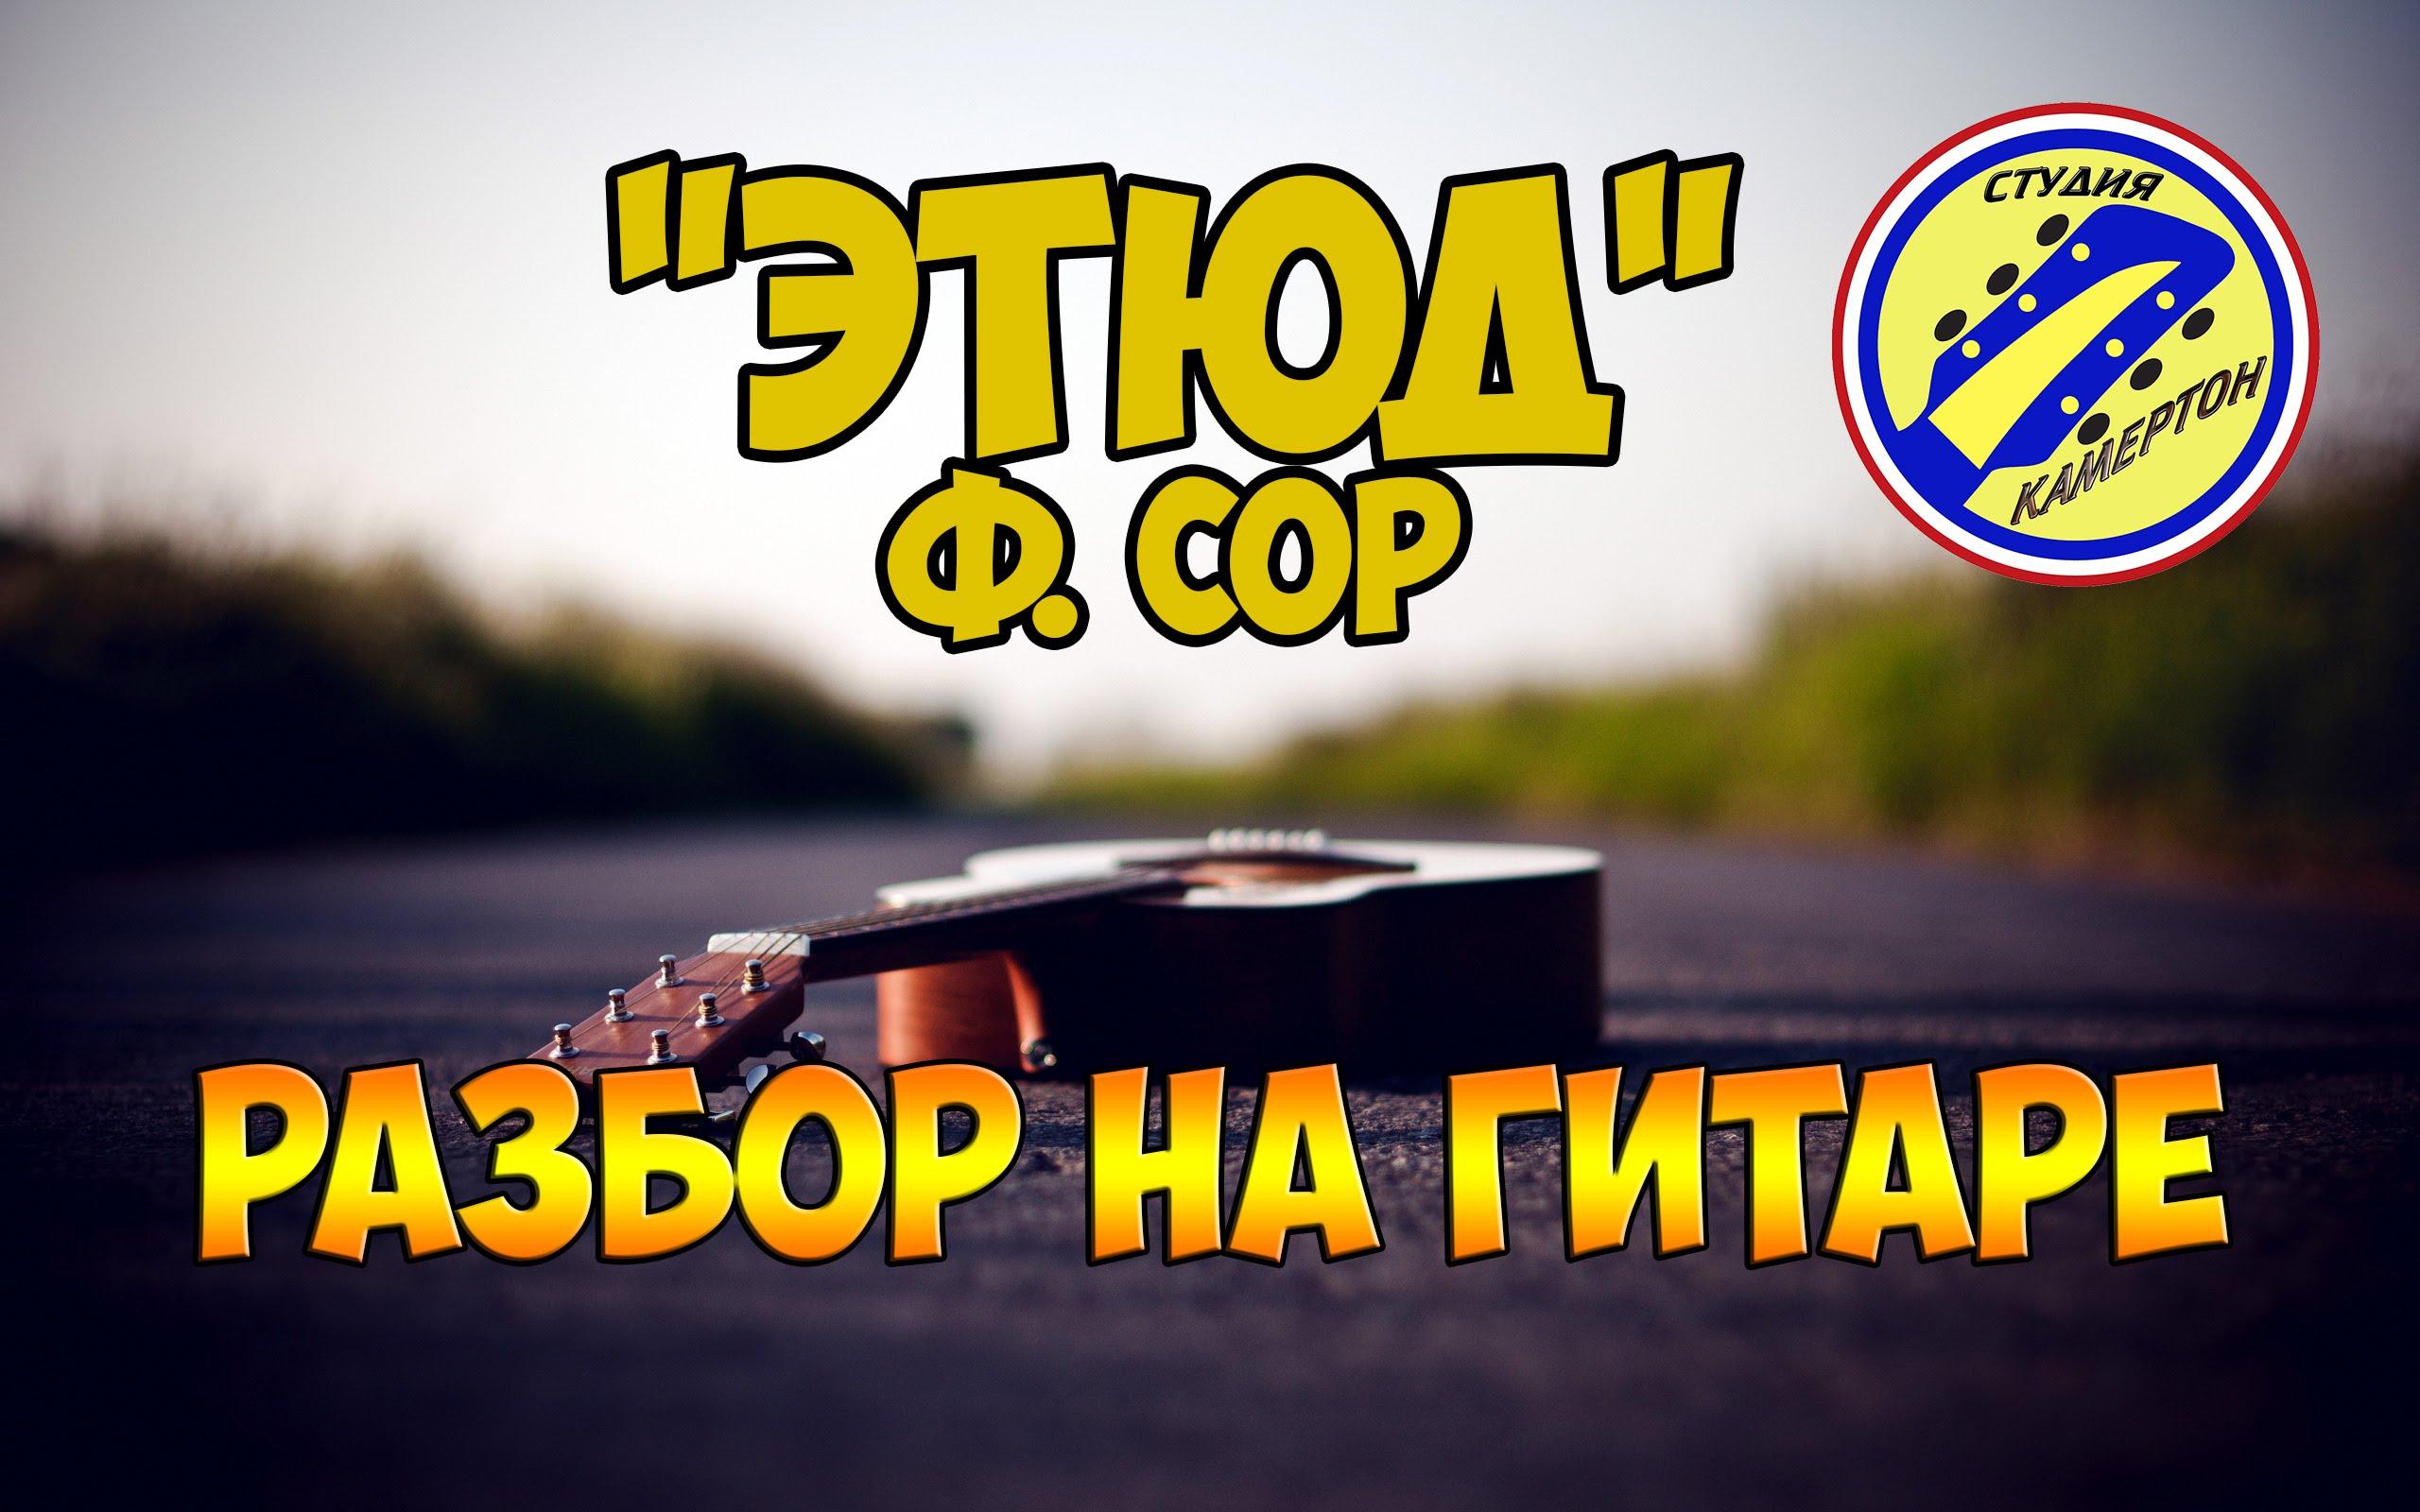 КРАСИВАЯ МЕЛОДИЯ НА ГИТАРЕ. РАЗБОР. 'ЭТЮД' Ф. СОР.